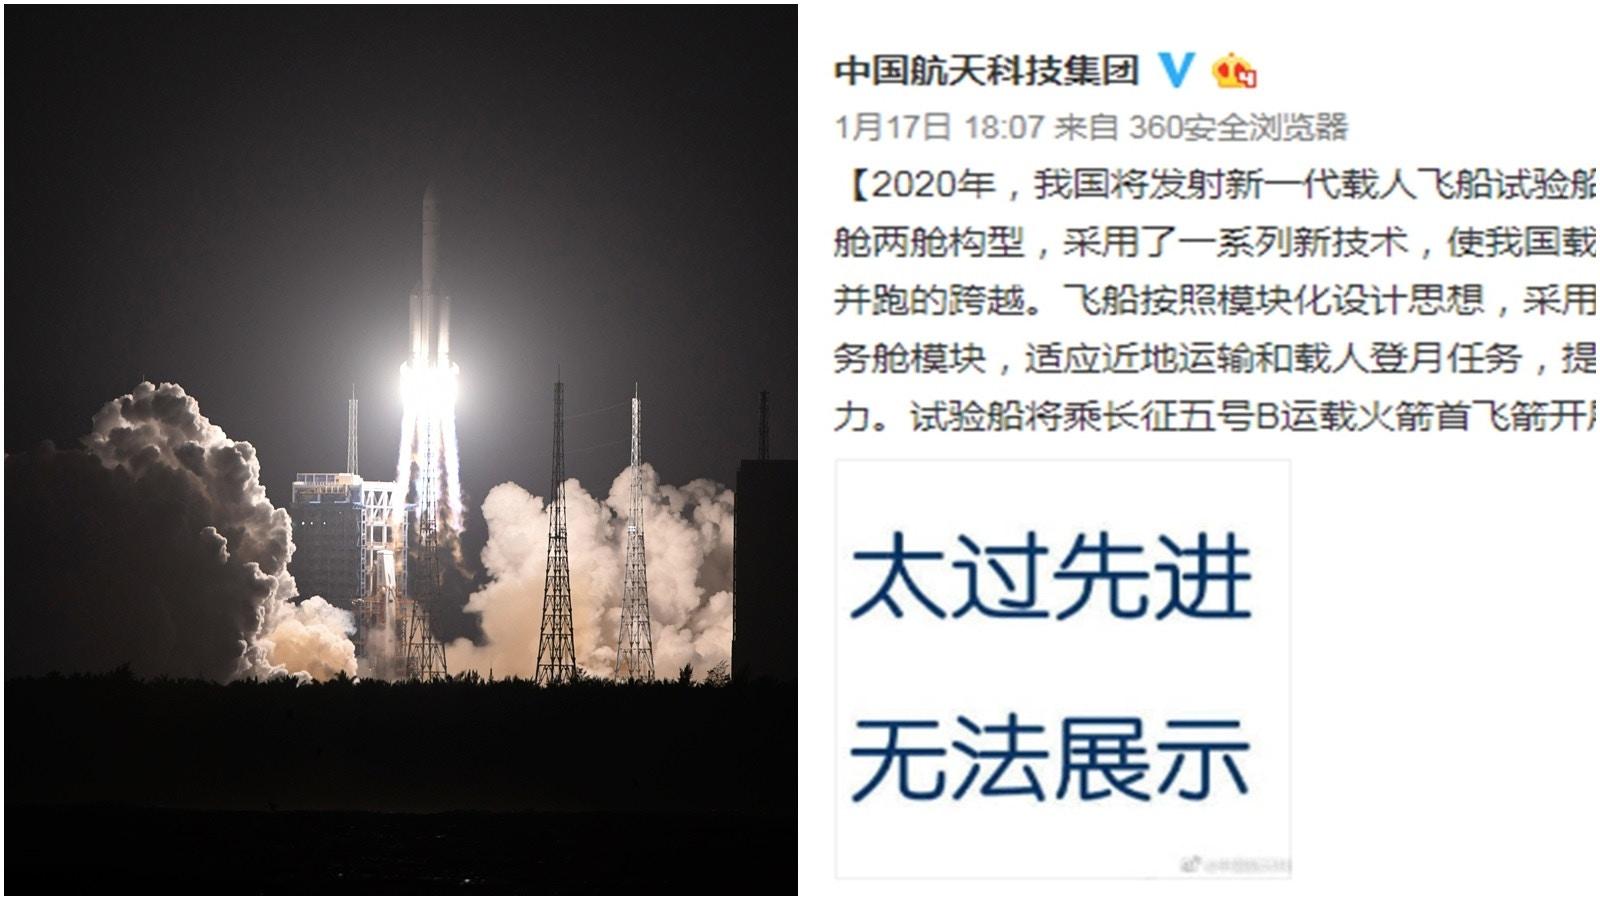 中國官宣將發射新一代載人飛船 因太過先進無法展示